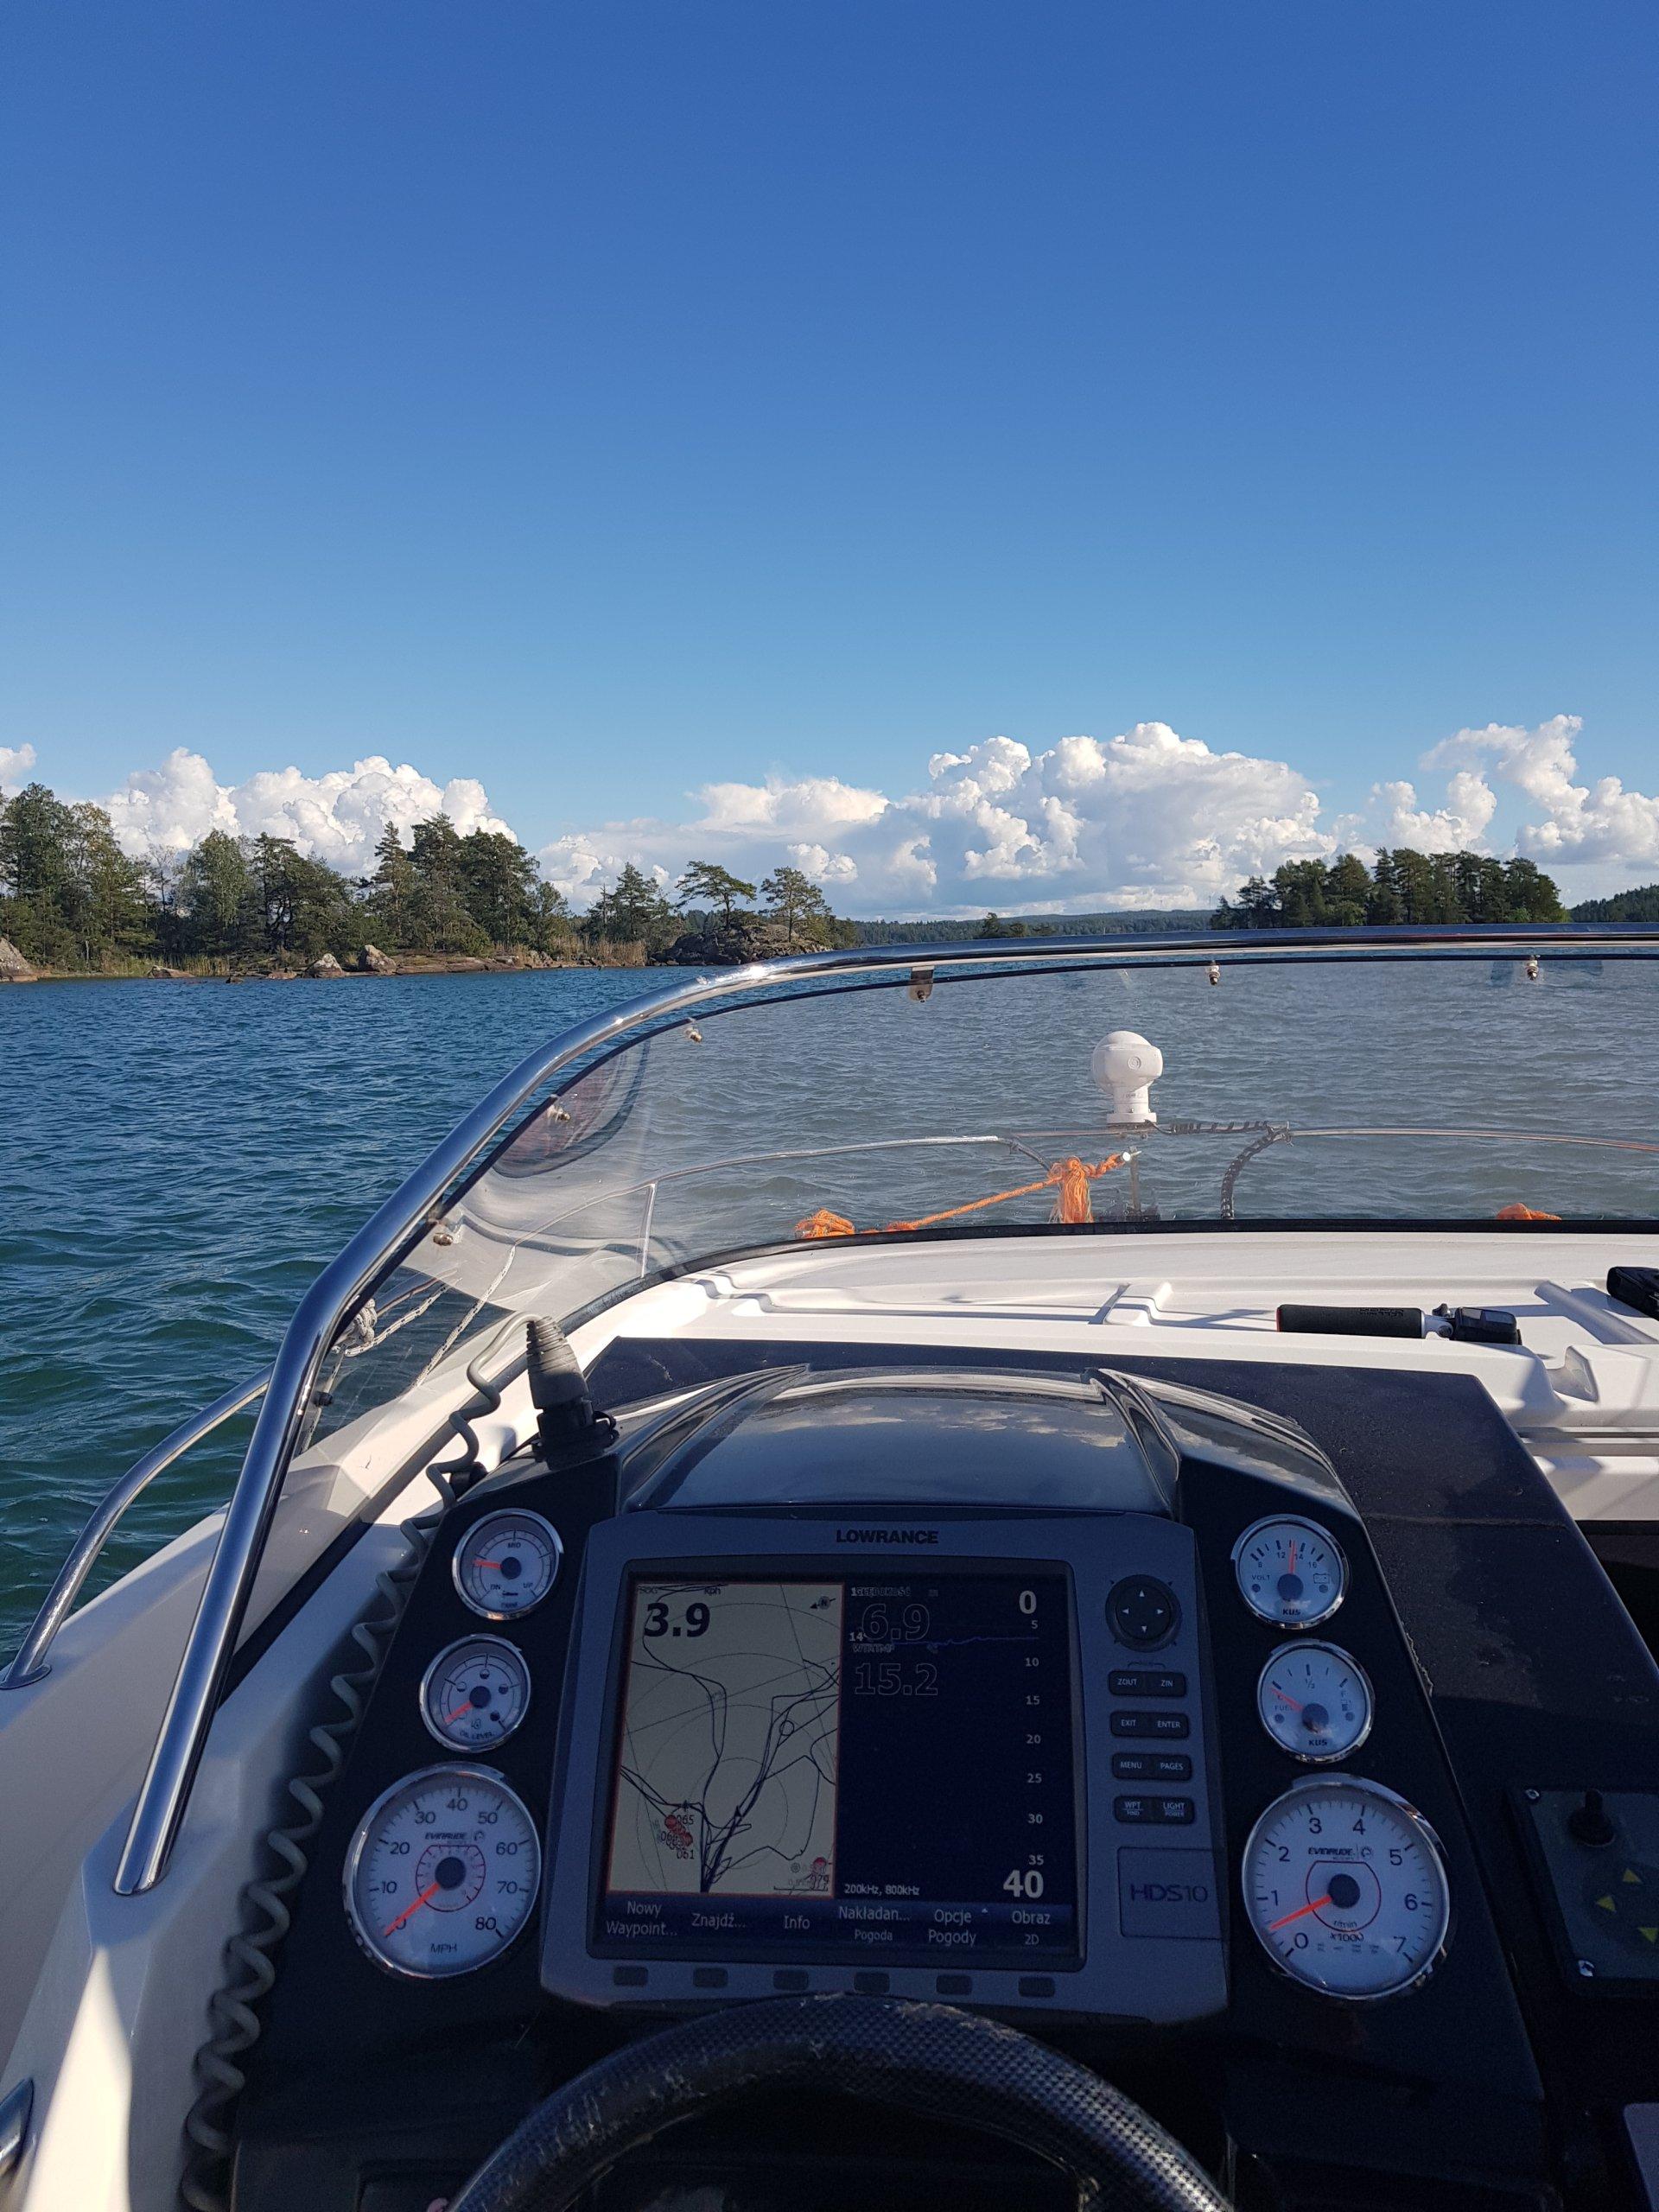 łódź Motorowa Am 620 Sundeck 2016 Wyposażona 7089363750